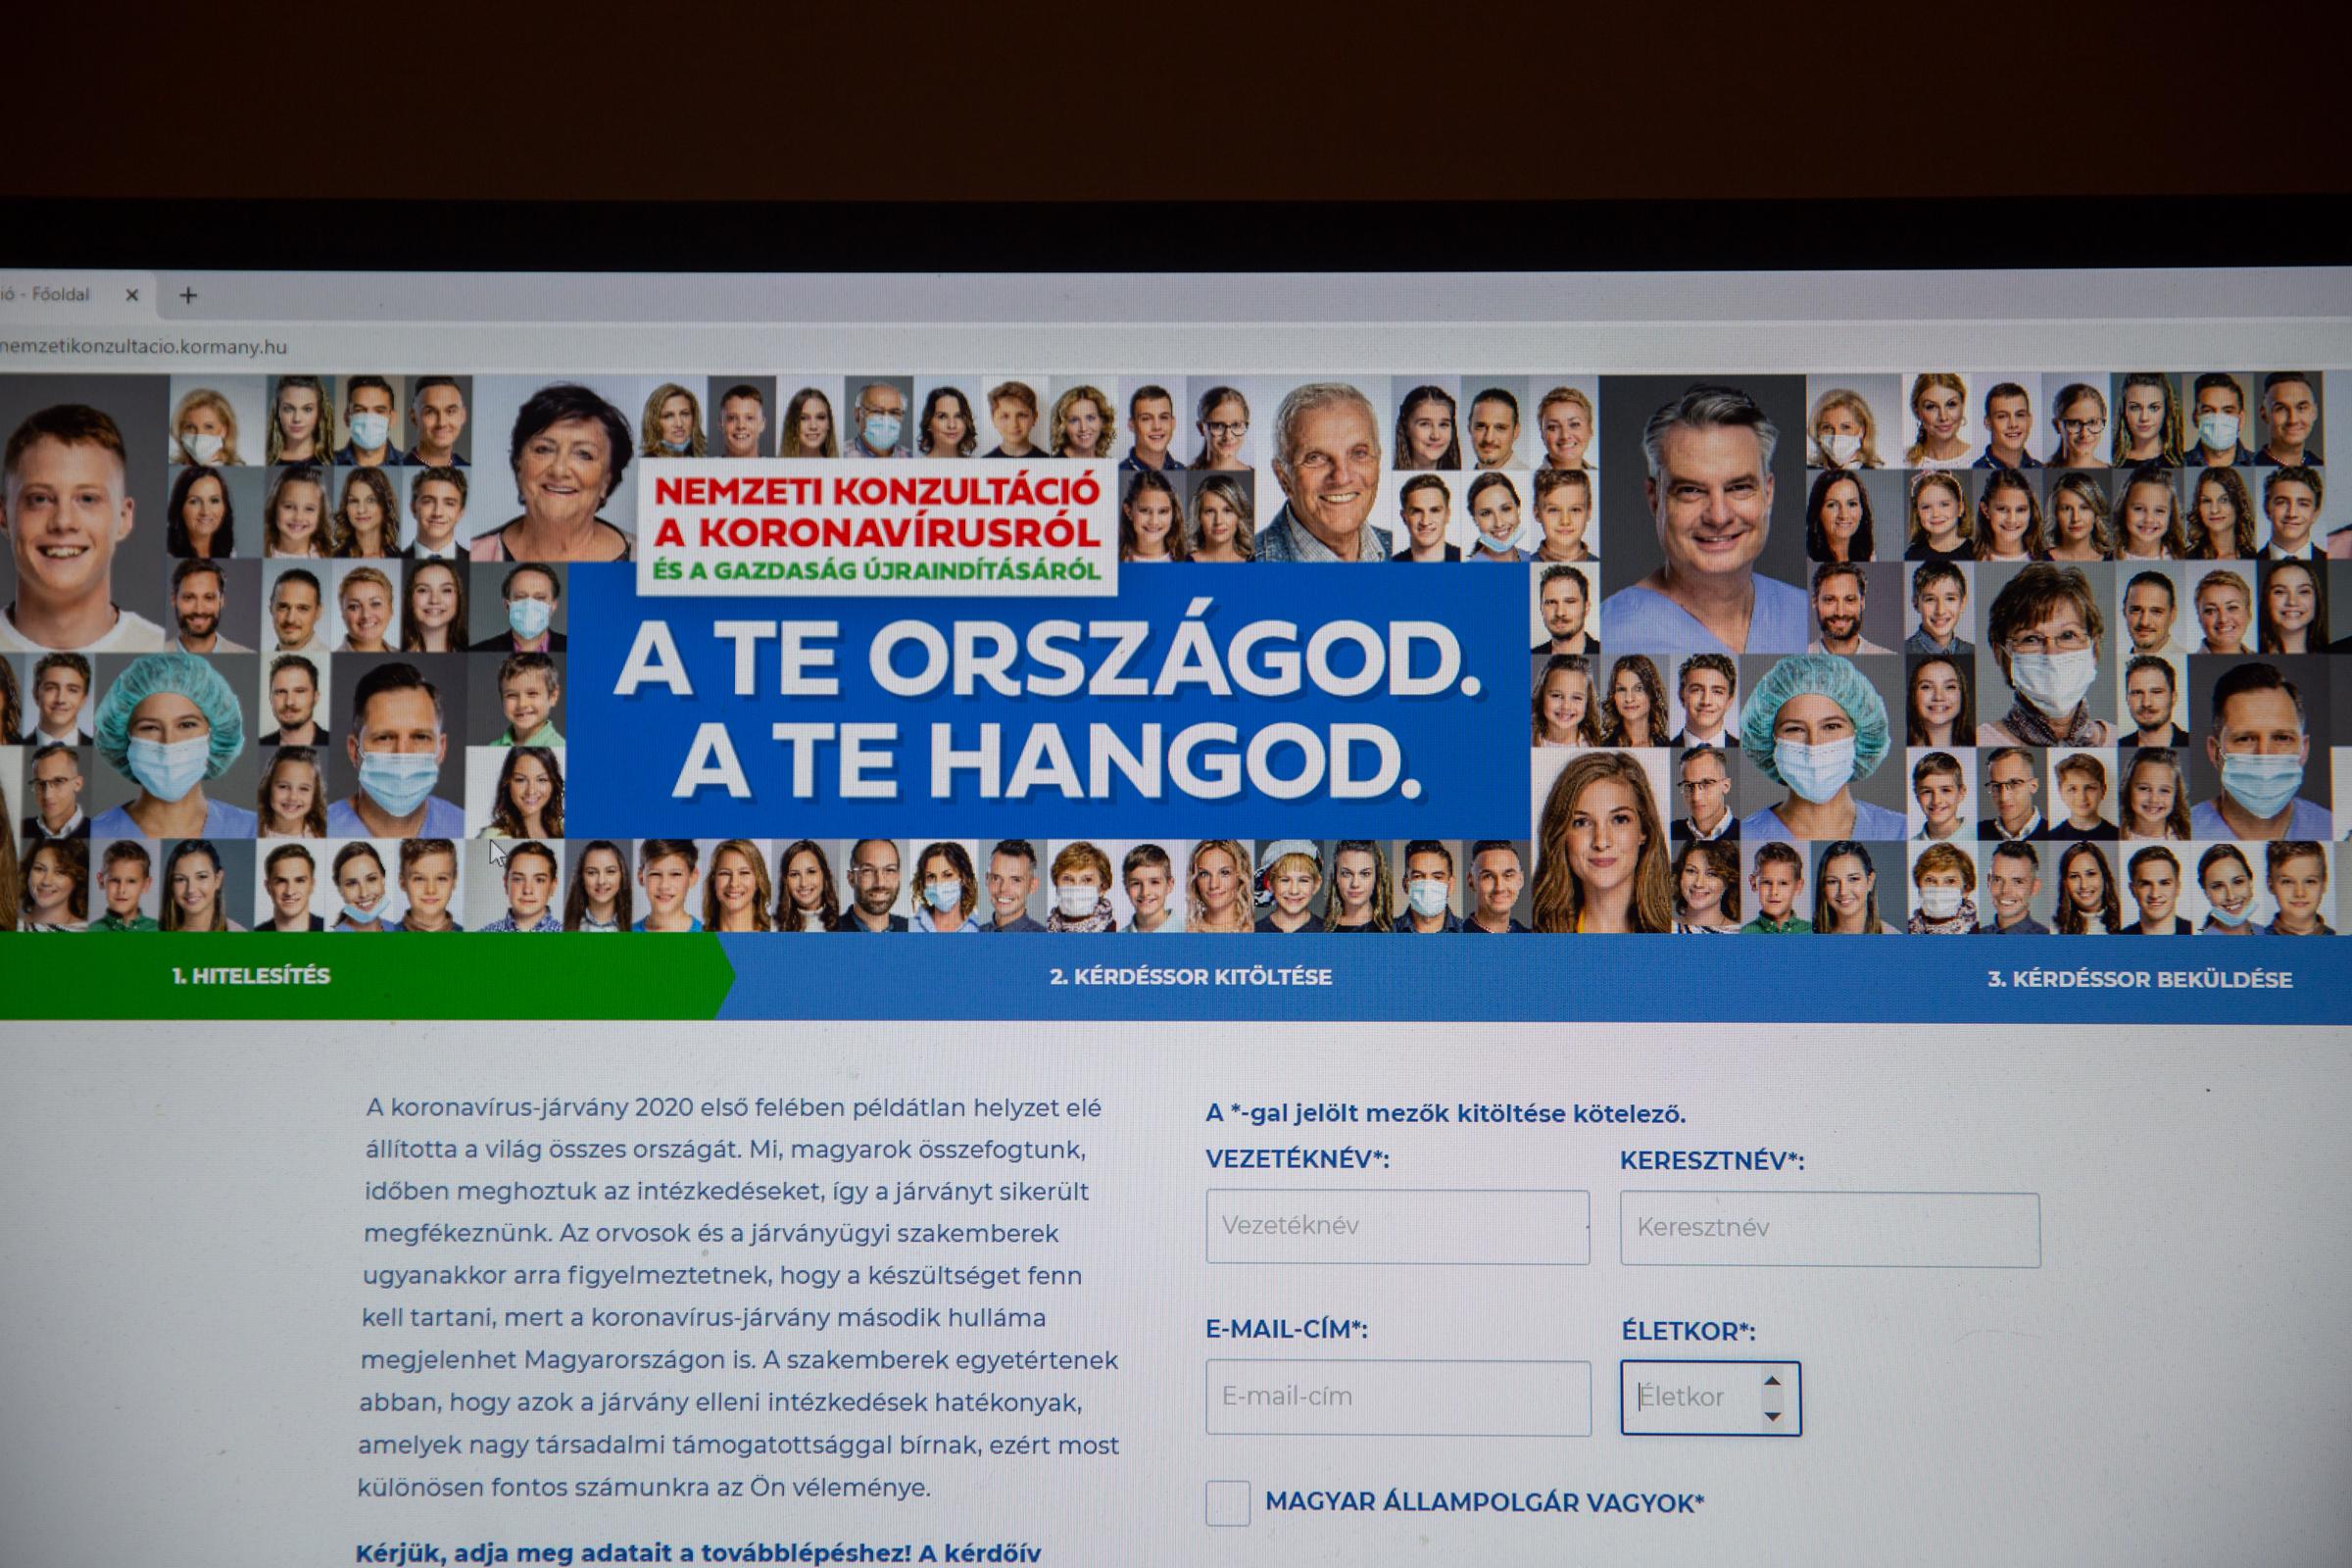 Fidesz: A baloldalnak most sem sikerült elhallgattatni a magyar embereket